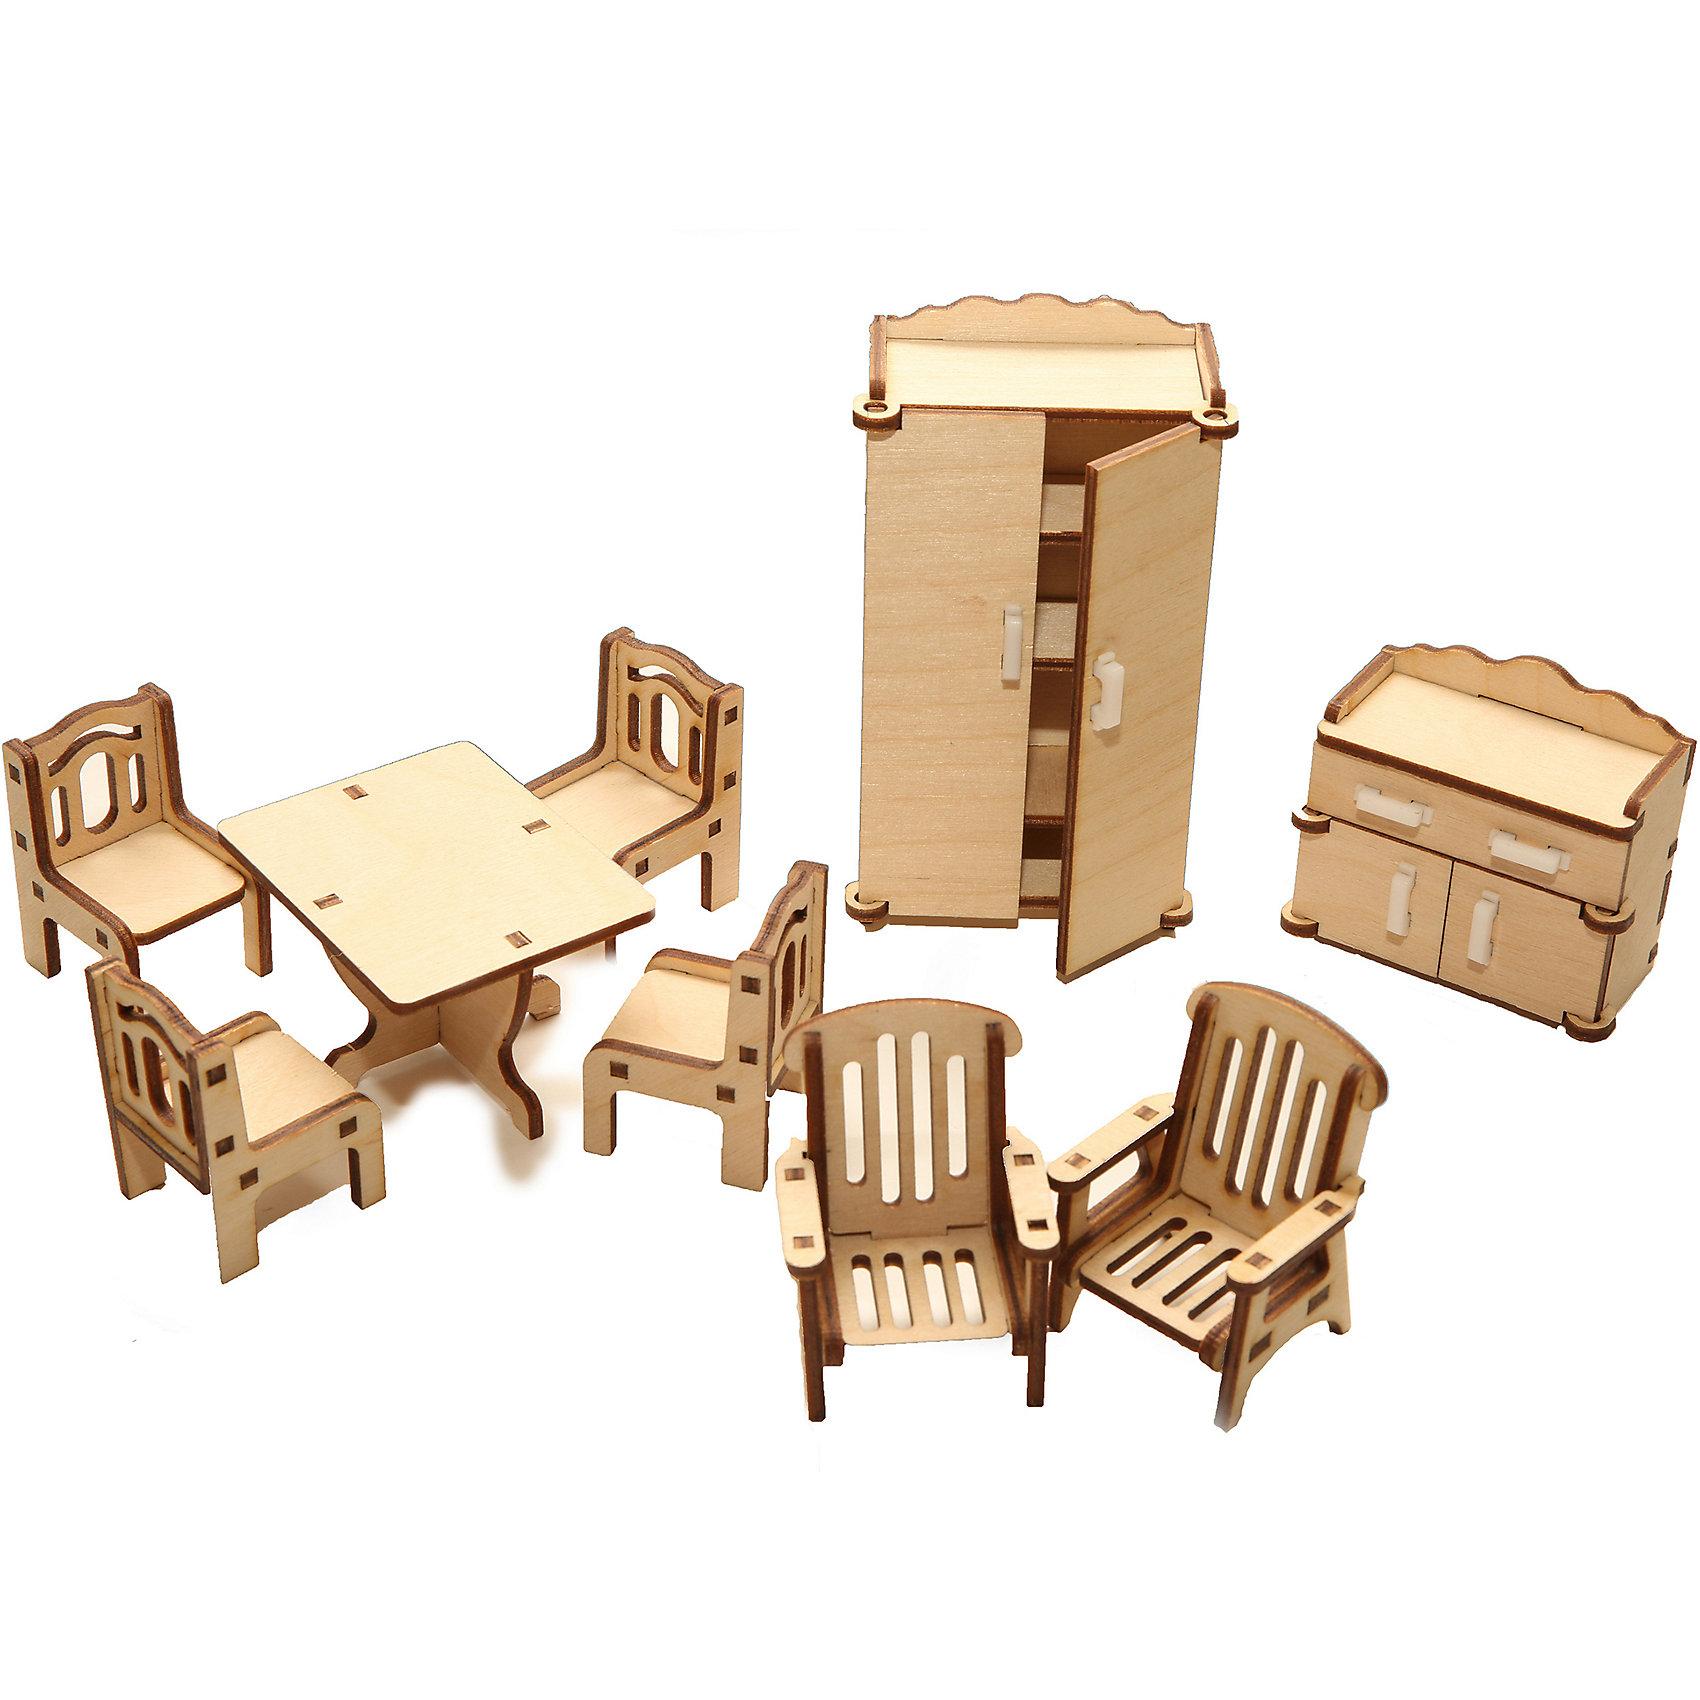 Деревянный набор мебели Happykon ЗалДомики и мебель<br><br><br>Ширина мм: 30<br>Глубина мм: 60<br>Высота мм: 115<br>Вес г: 190<br>Возраст от месяцев: 60<br>Возраст до месяцев: 144<br>Пол: Женский<br>Возраст: Детский<br>SKU: 7023766